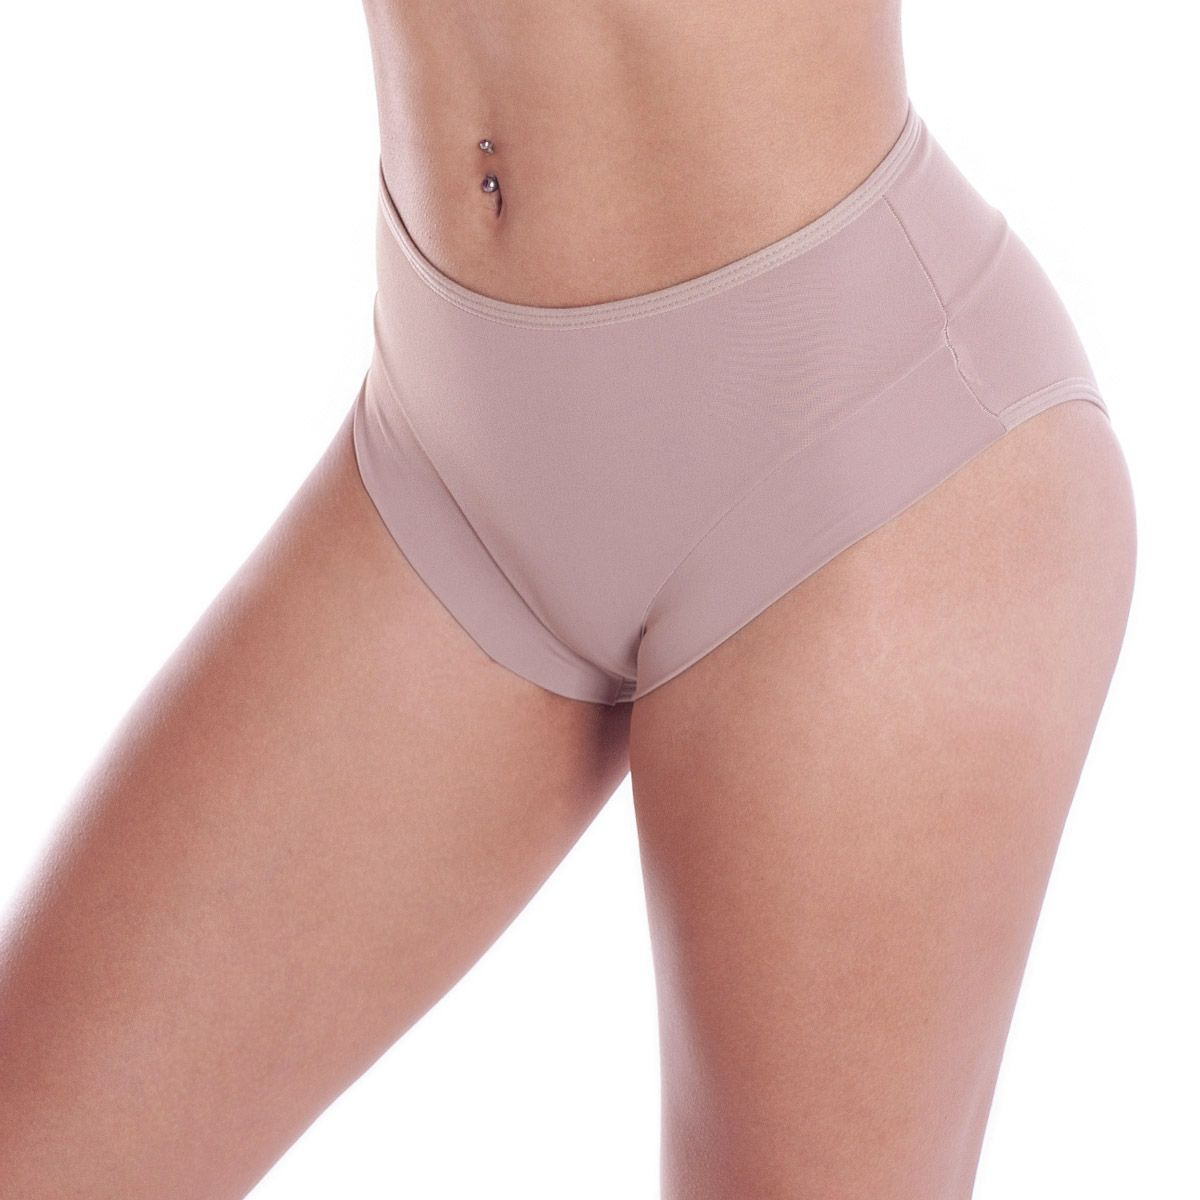 Calcinha cinta pós parto compressão modeladora alta abdominal Morisco